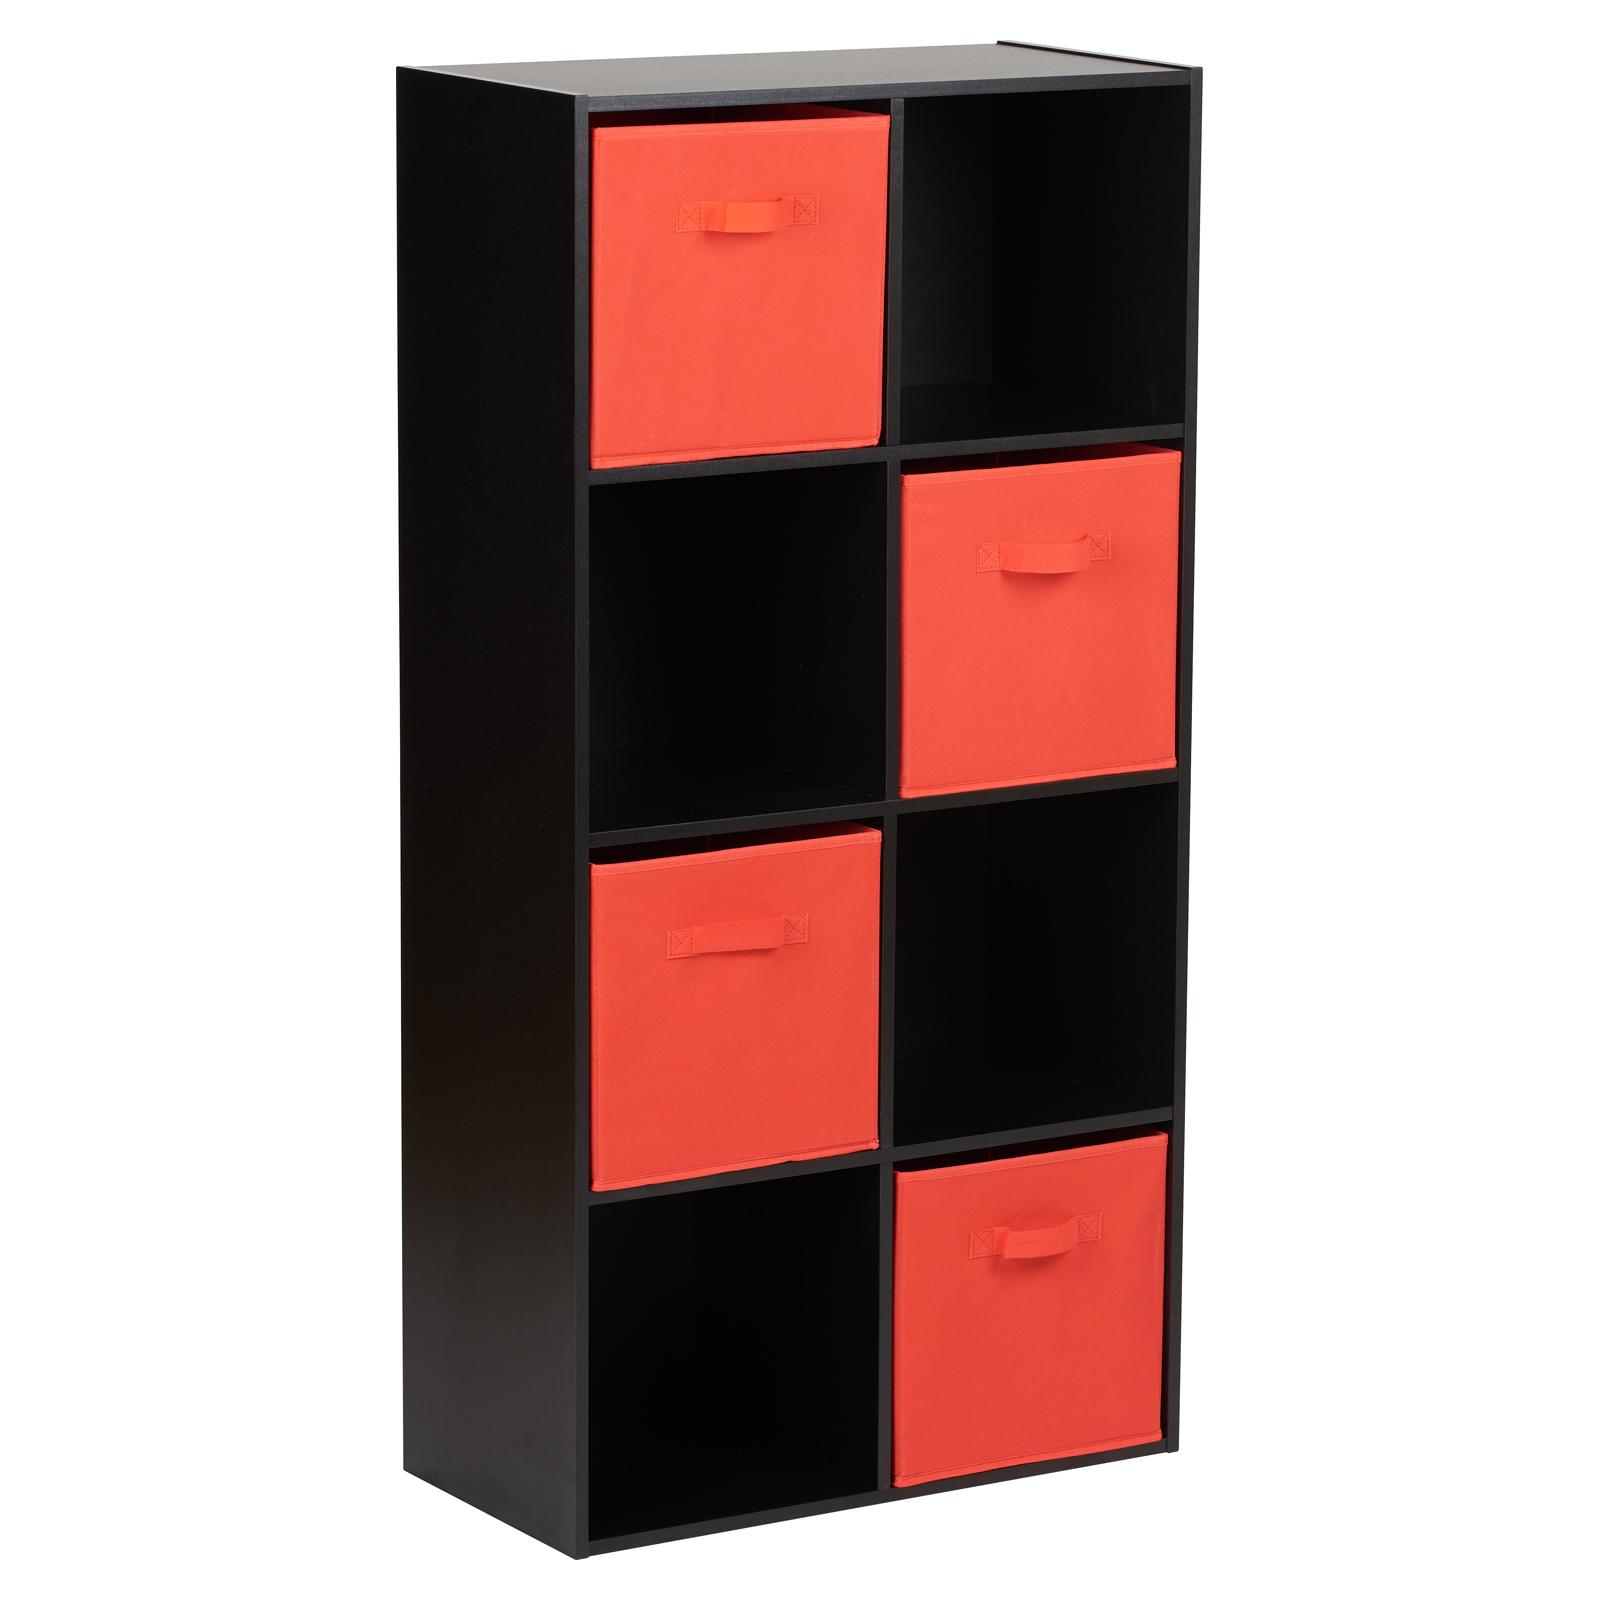 Cassettiera 4 Cassetti Prezzi.Dettagli Su Hartleys Mobile Nero 8 Cubi E 4 Cassetti Rosso Scaffale Moderno Cassettiera